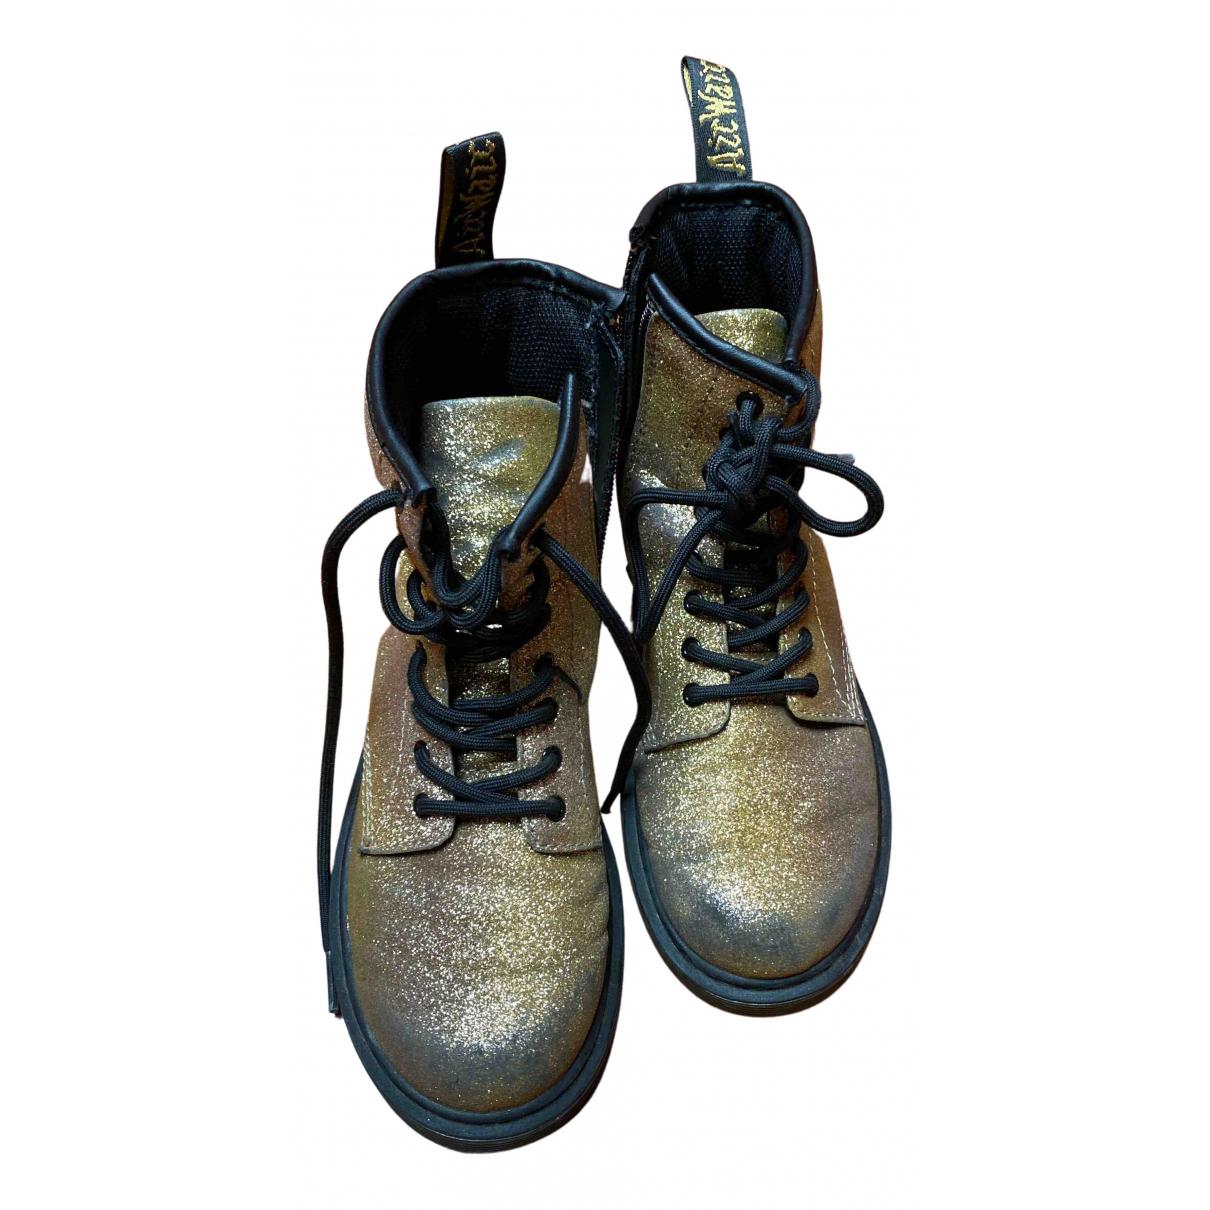 Dr. Martens N Gold Glitter Boots for Kids 35 FR